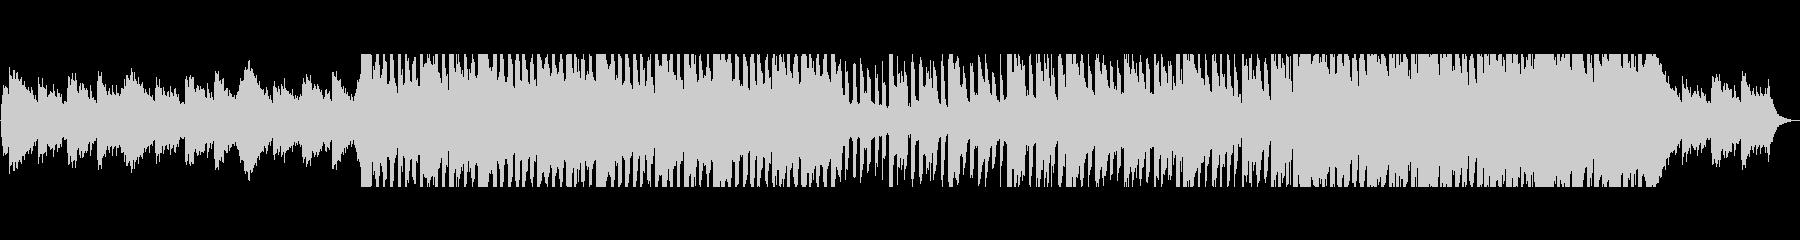 疾走感のあるピアノエレクトリックの未再生の波形